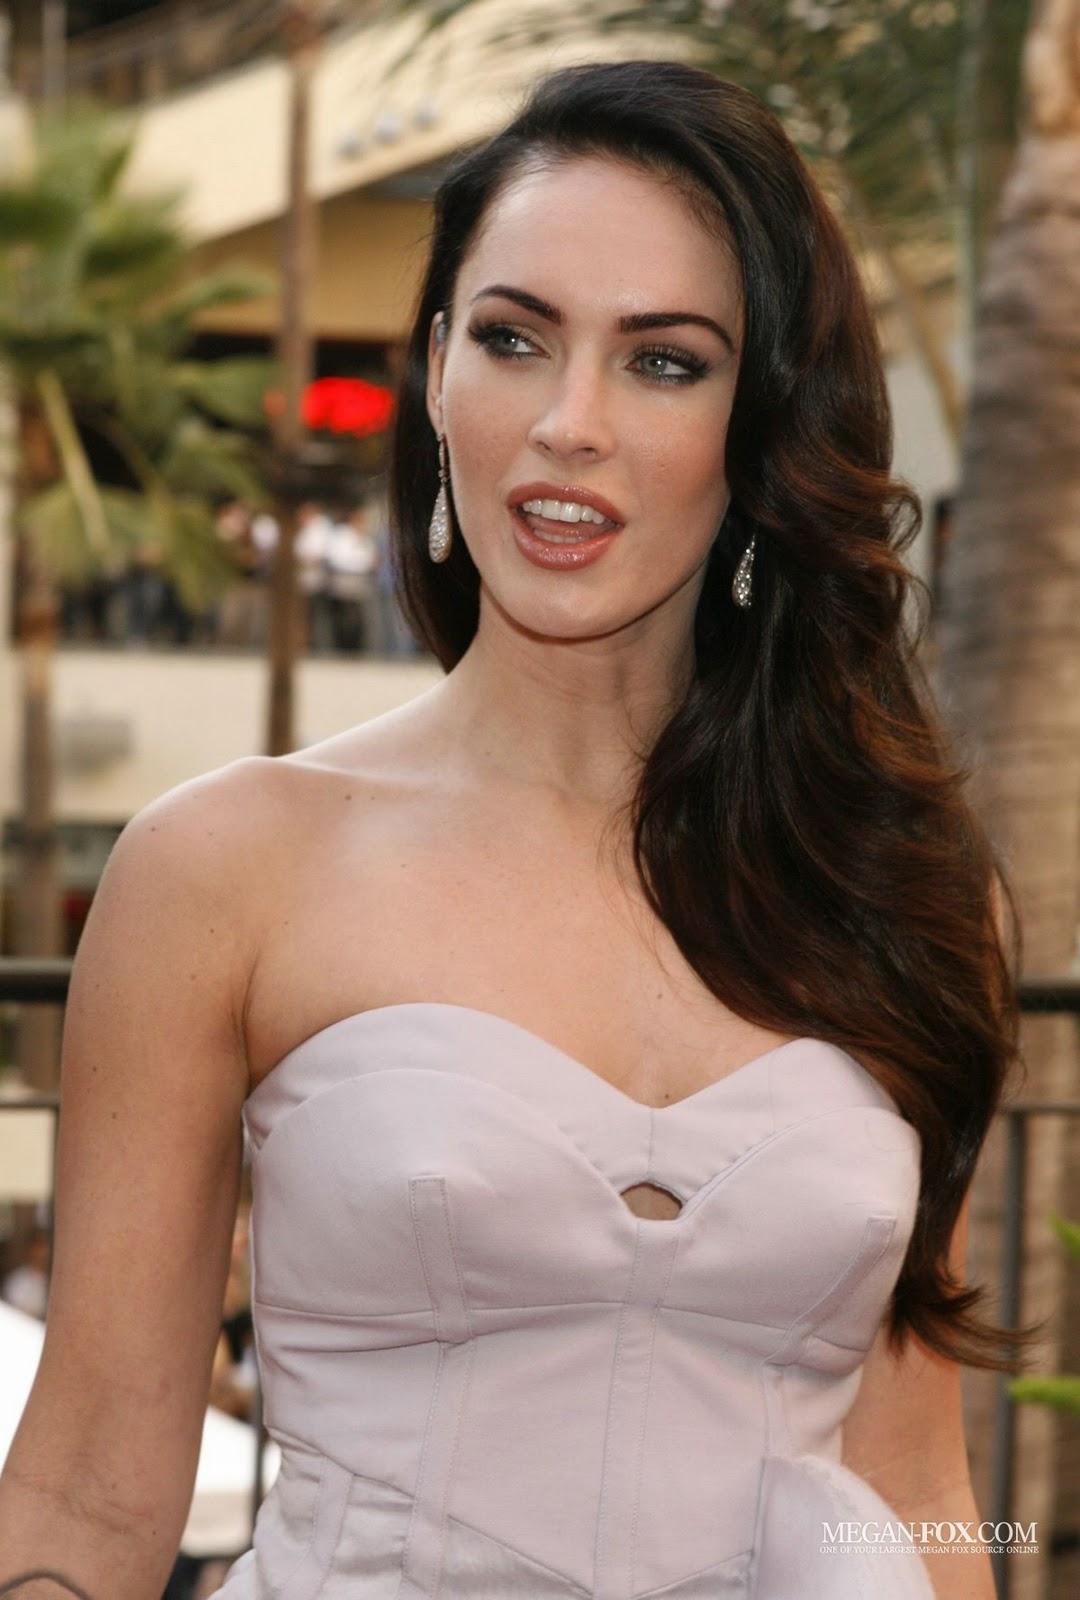 http://2.bp.blogspot.com/-0lFXrblDnx4/Tt3GFmMmuWI/AAAAAAAAAYA/6w3XL2fINBA/s1600/Megan-Jennifer-s-Body-Hot-Topic-Fan-Event-megan-fox-8182942-1200-1777-www.sx11.blogspot.com.jpg